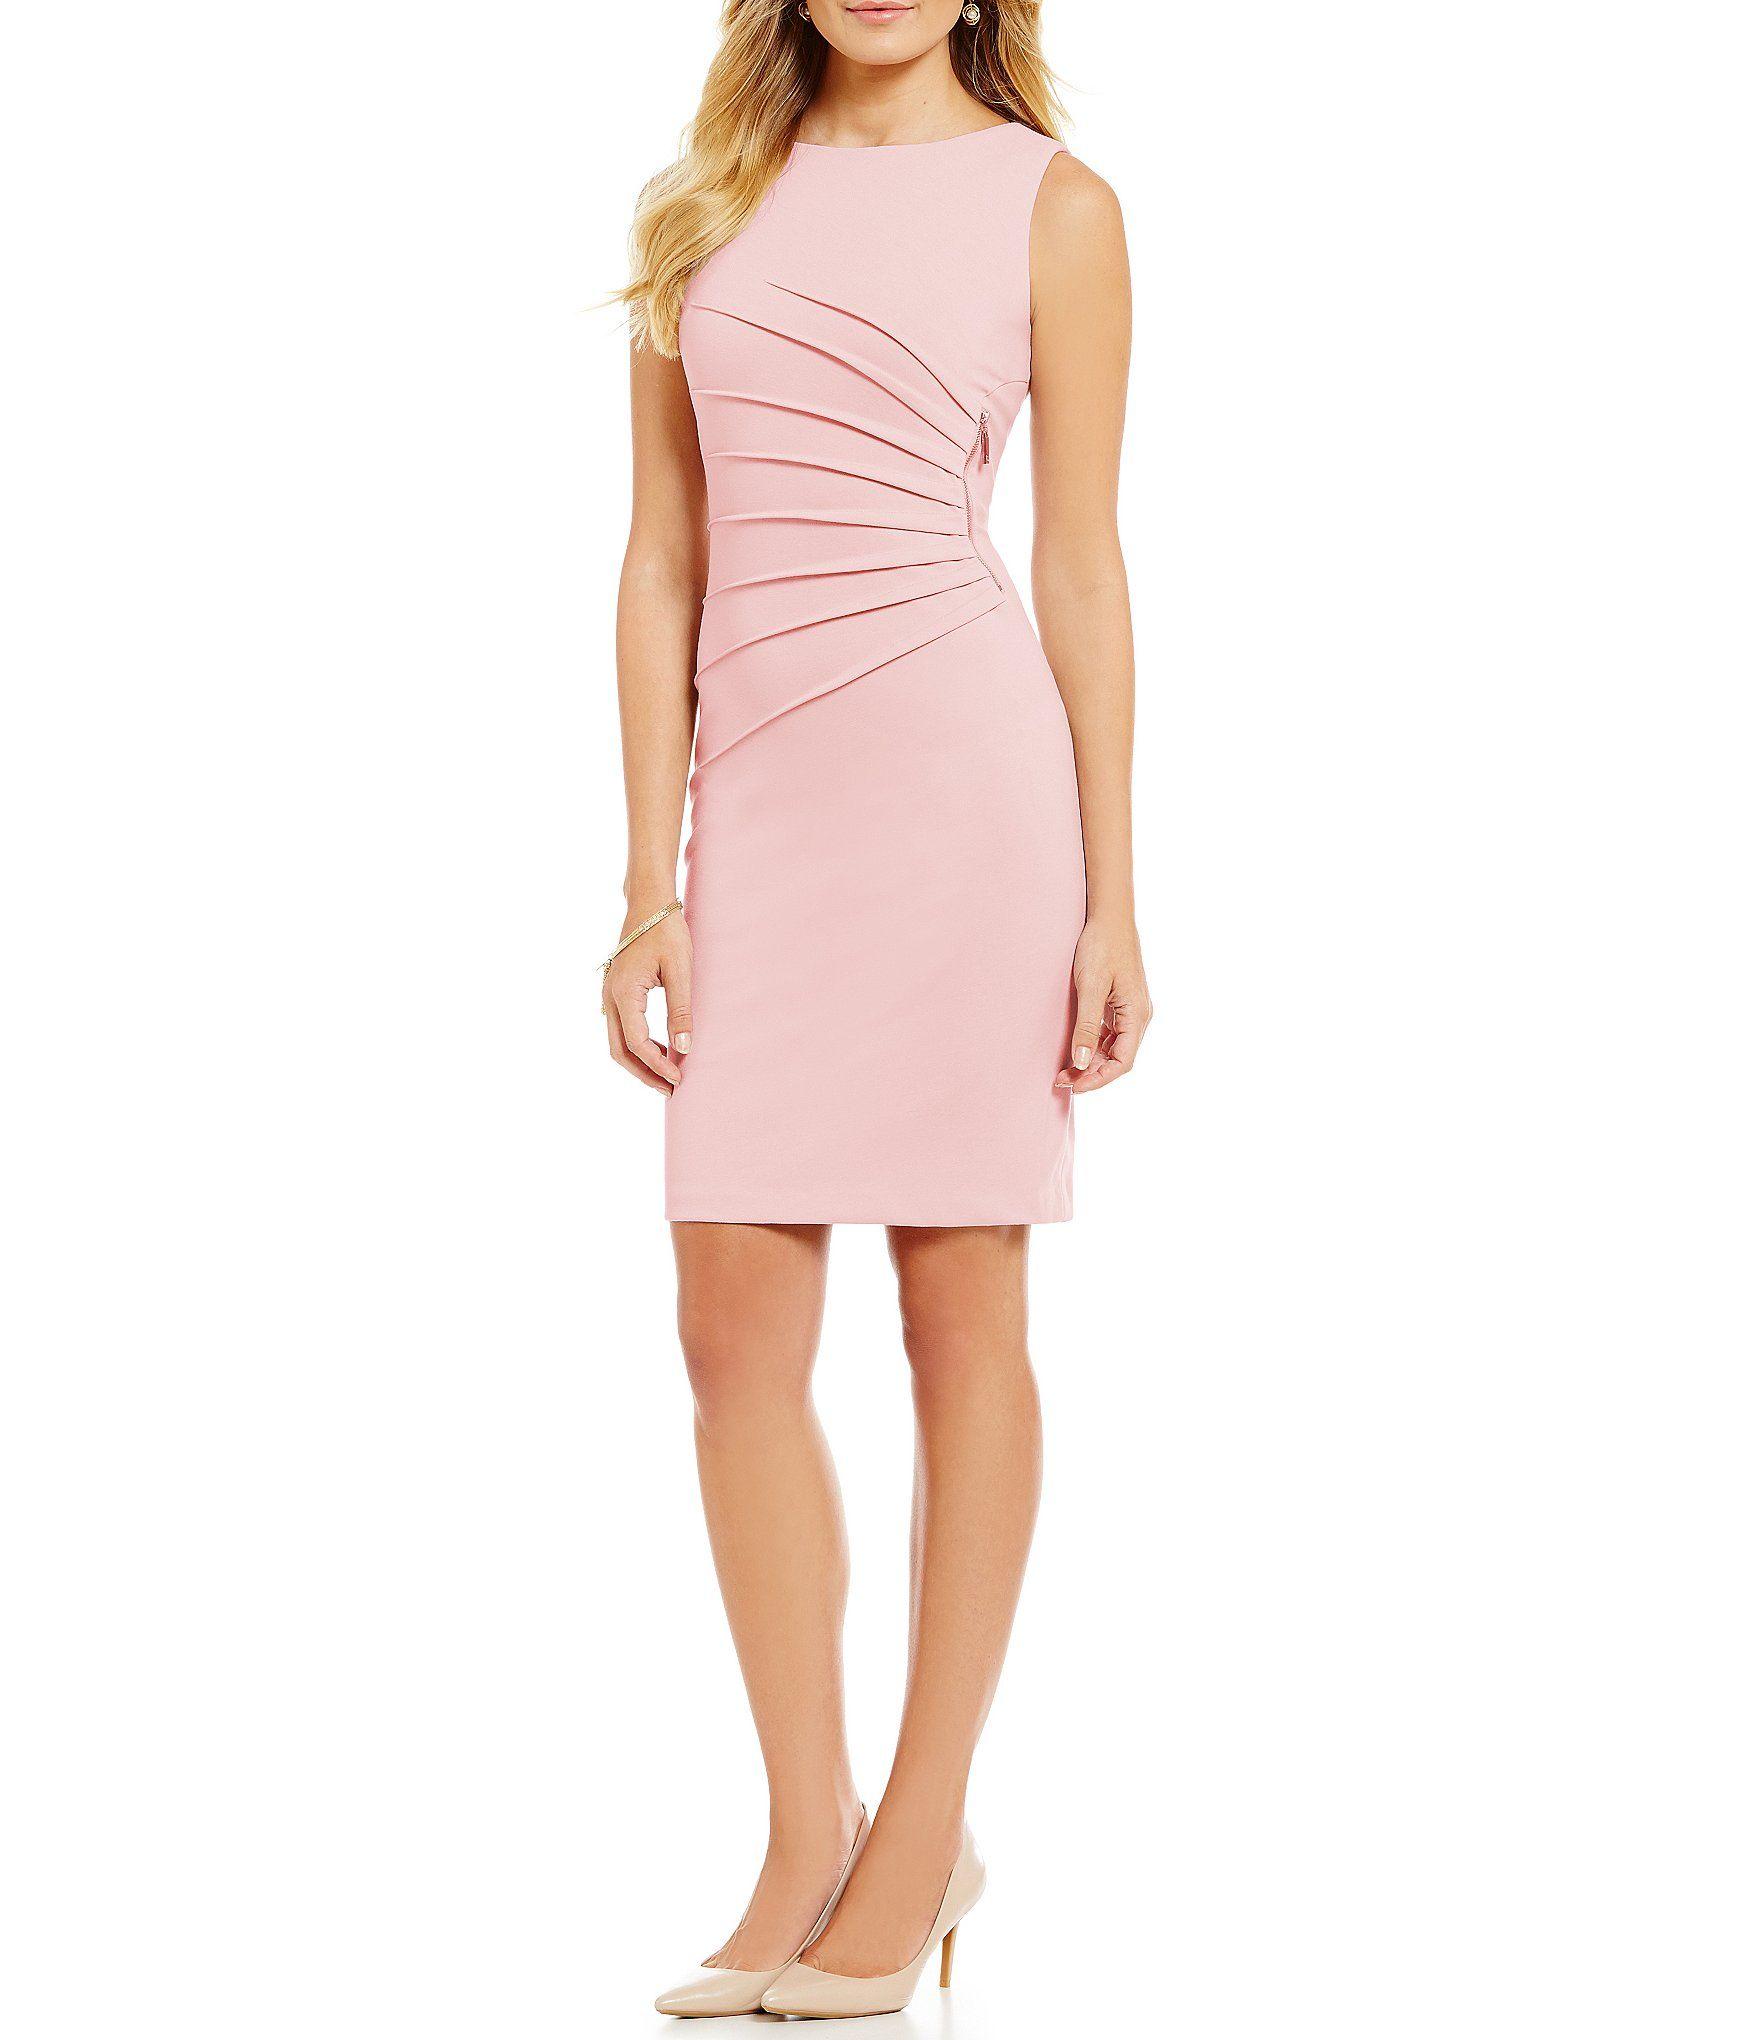 Ivanka Trump Sunburst Pleated Zipper-Trim Ponte Knit Sheath Dress